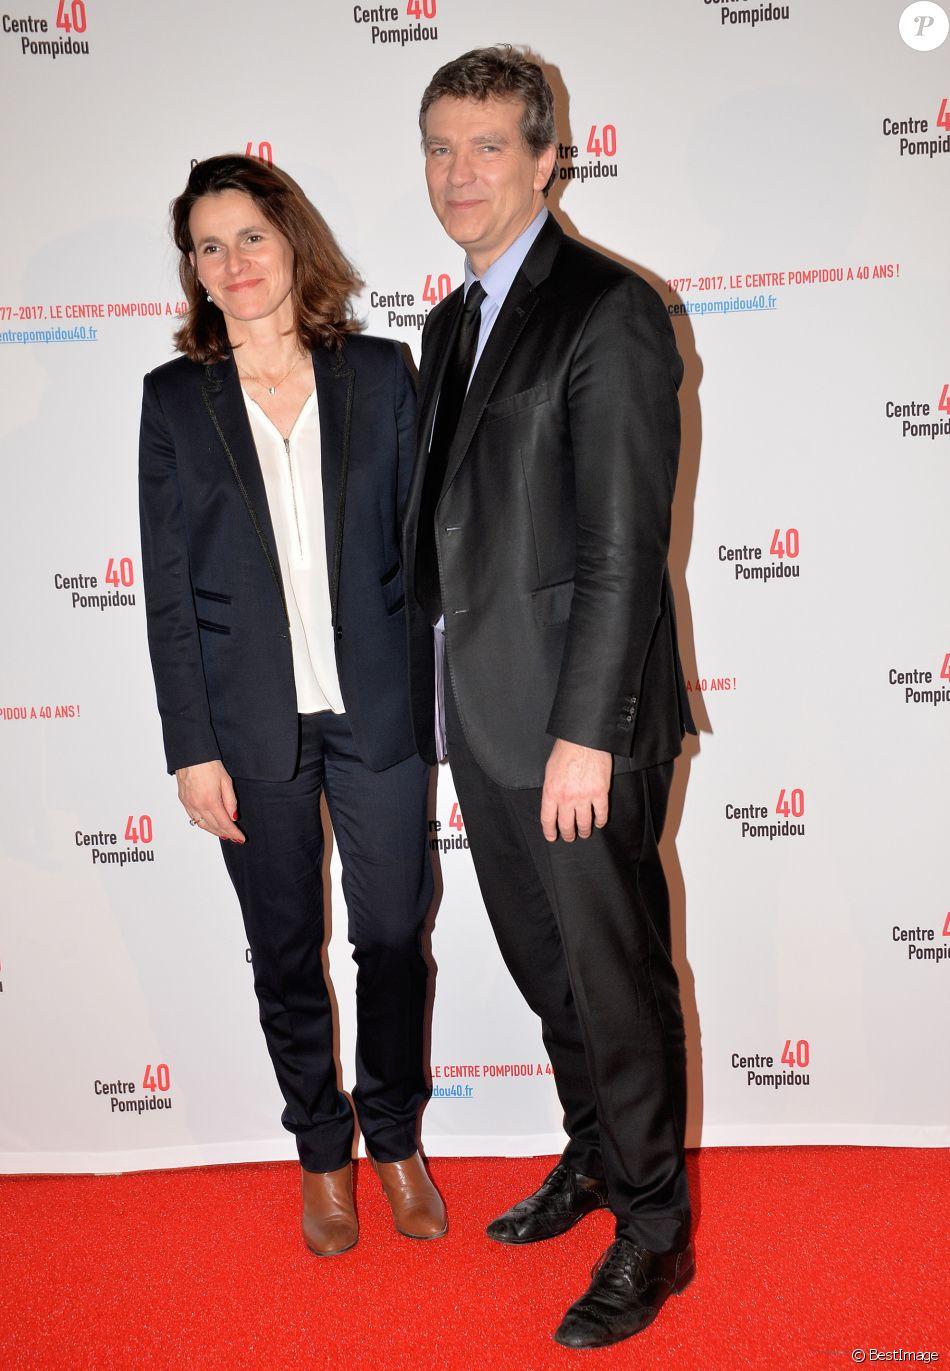 Aurélie Filippetti et son compagnon Arnaud Montebourg - Cocktail pour les 40 ans du Centre Georges Pompidou au centre Pompidou à Paris, France, le 10 janvier 2017.